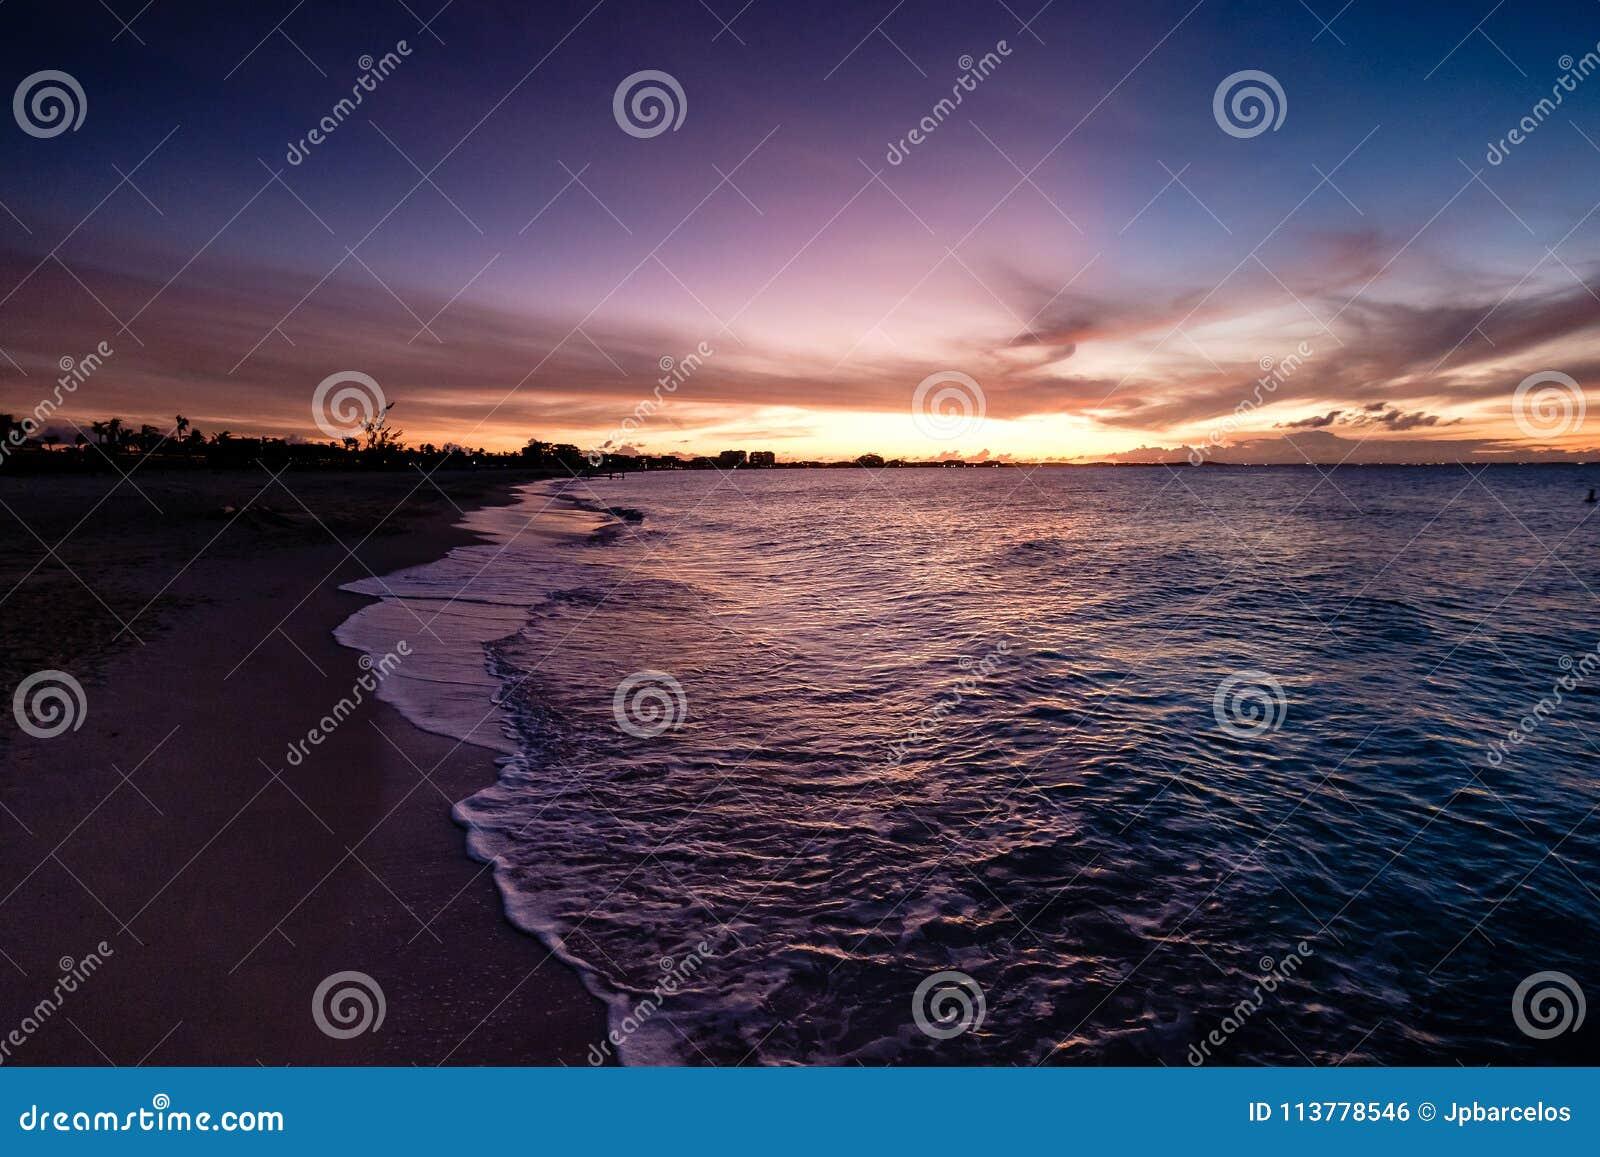 Vagues se brisant sur la plage pendant le coucher du soleil Beau pourpre orange s